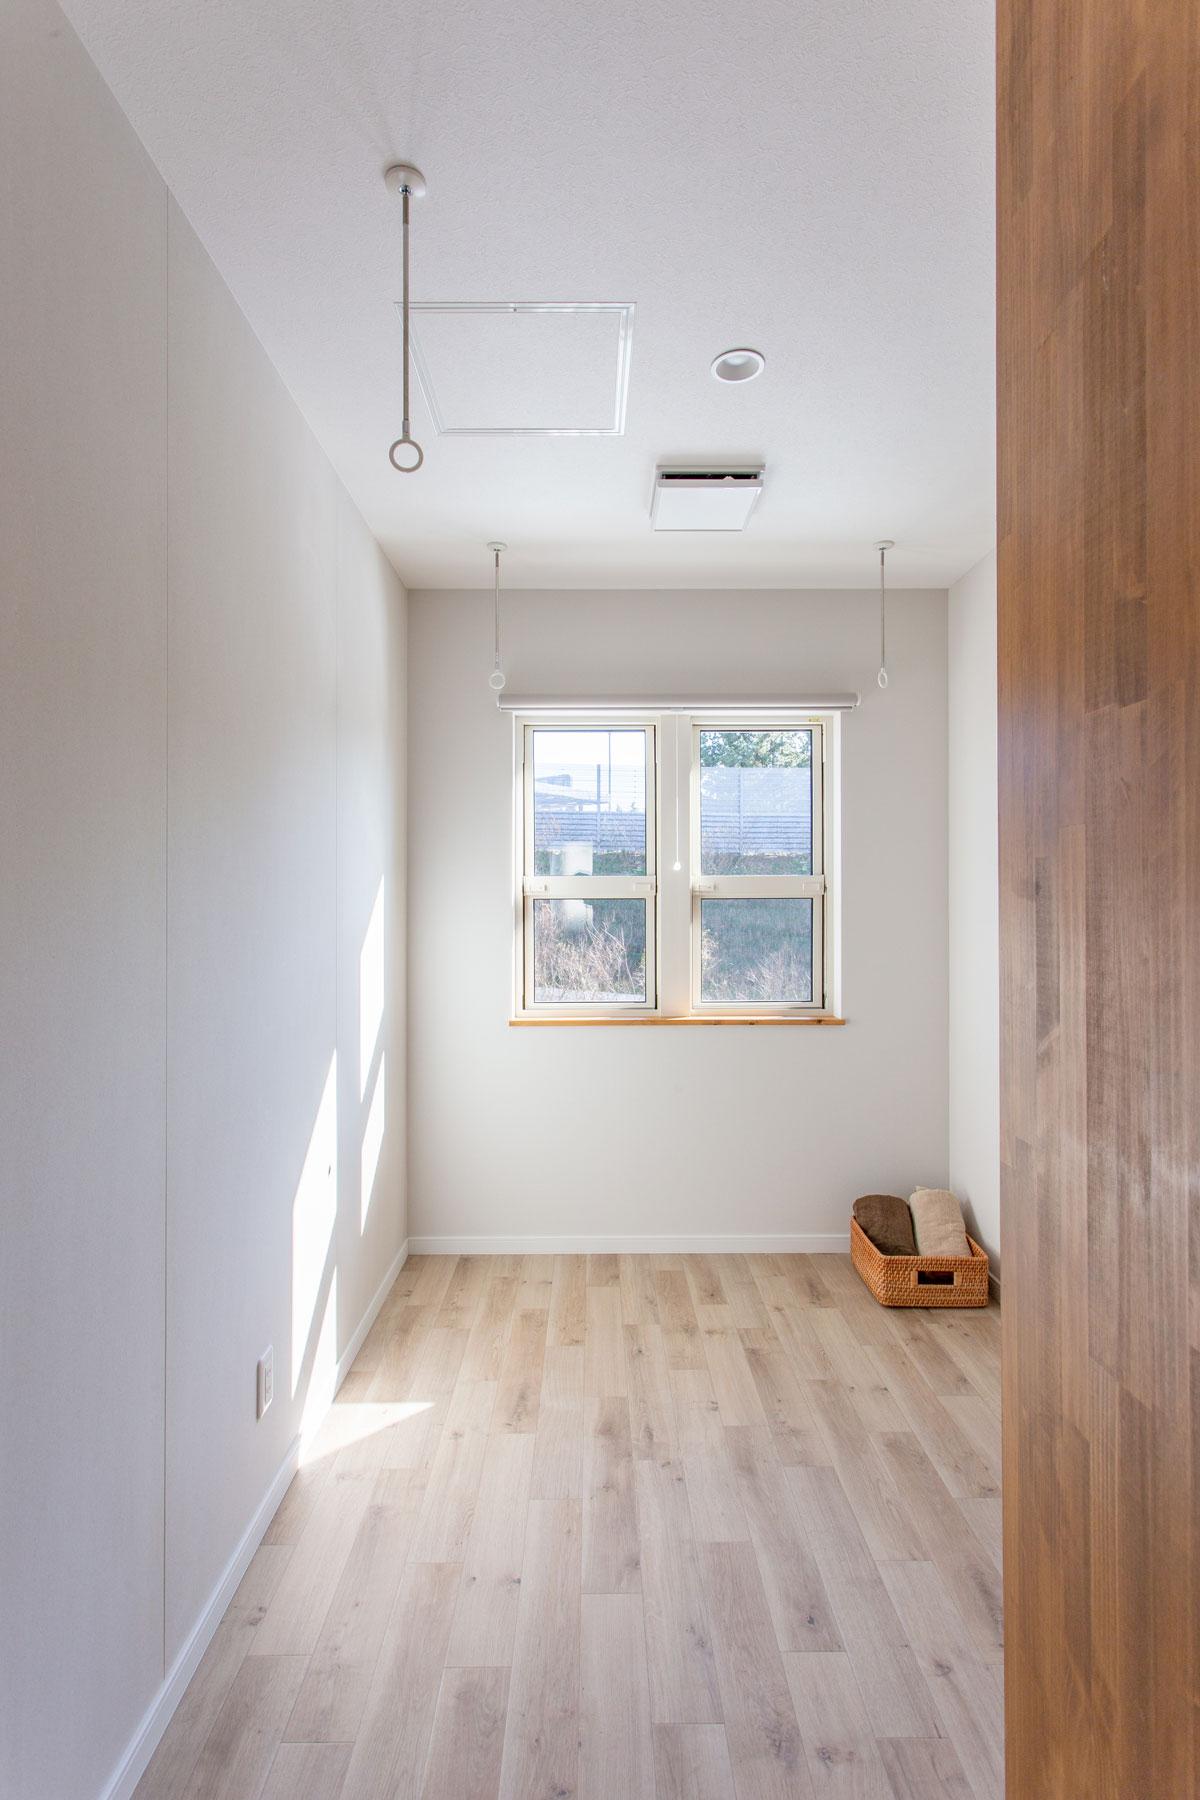 雨でも洗濯物を干せる室内物干しスペース